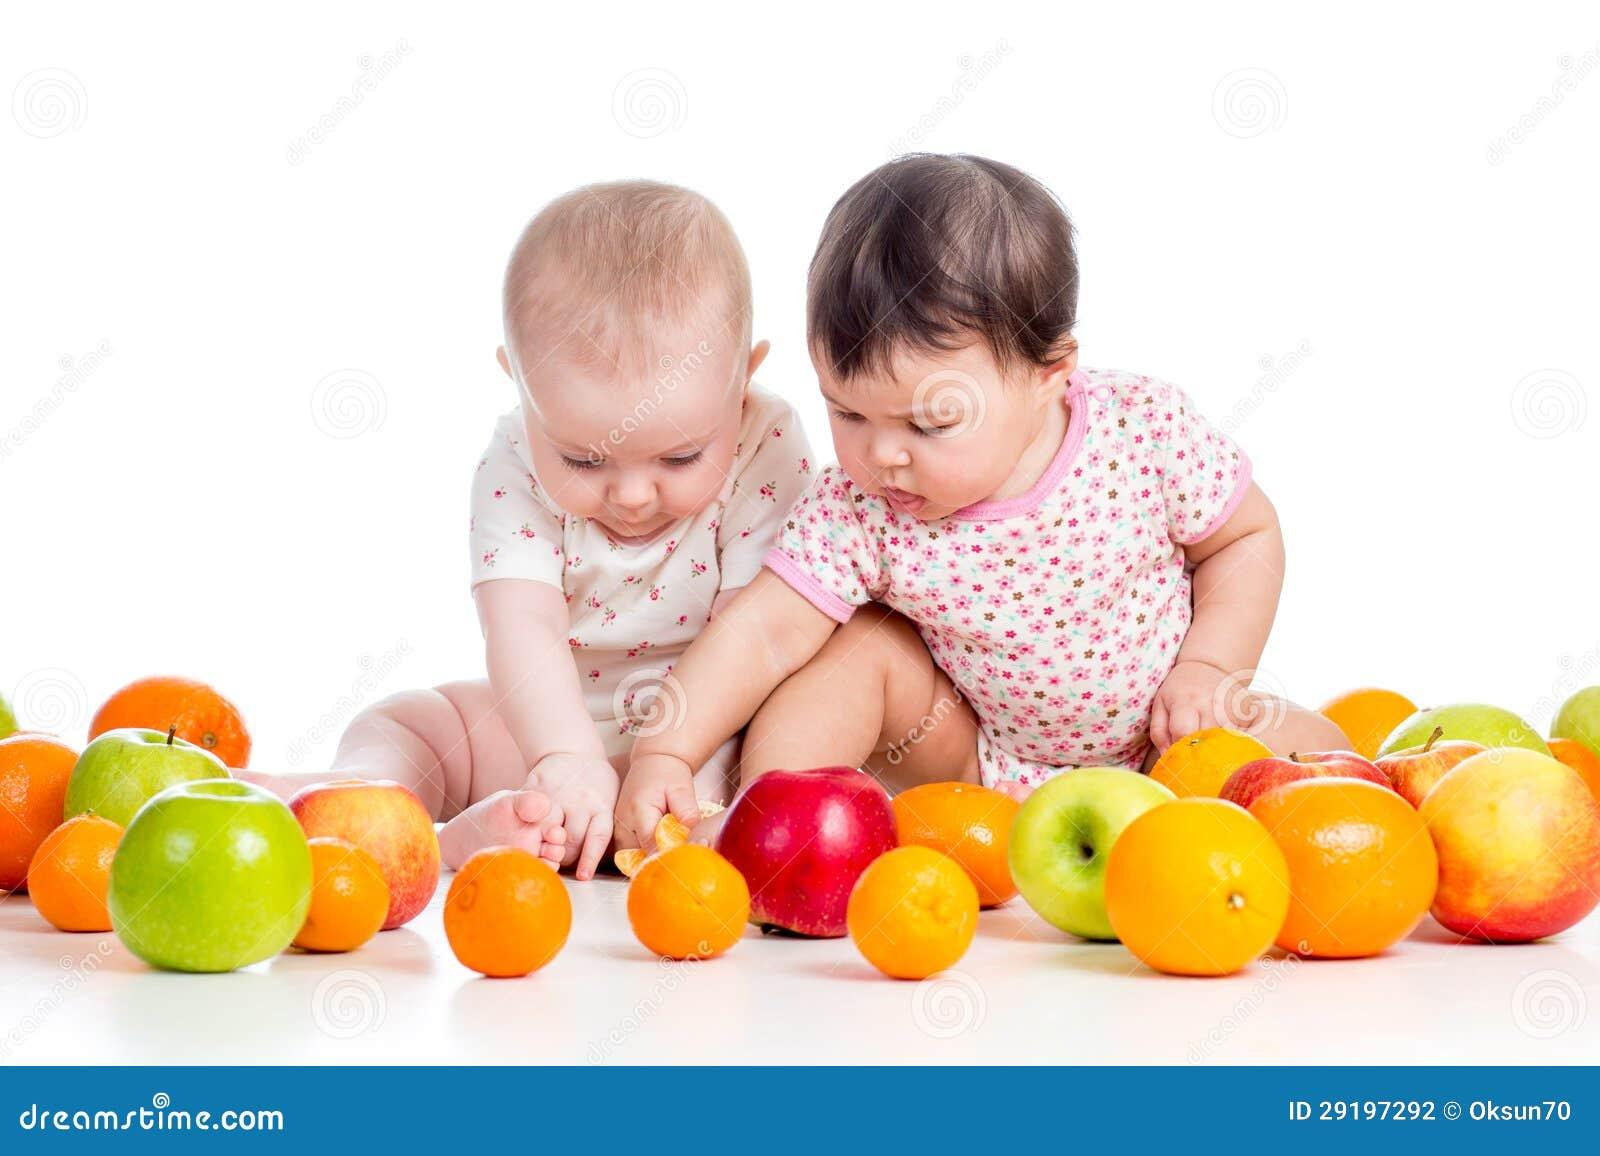 Meninos E Meninas De Nacionalidades Diferentes Childre: Bebés Divertidos Que Comen Las Frutas Sanas De La Comida